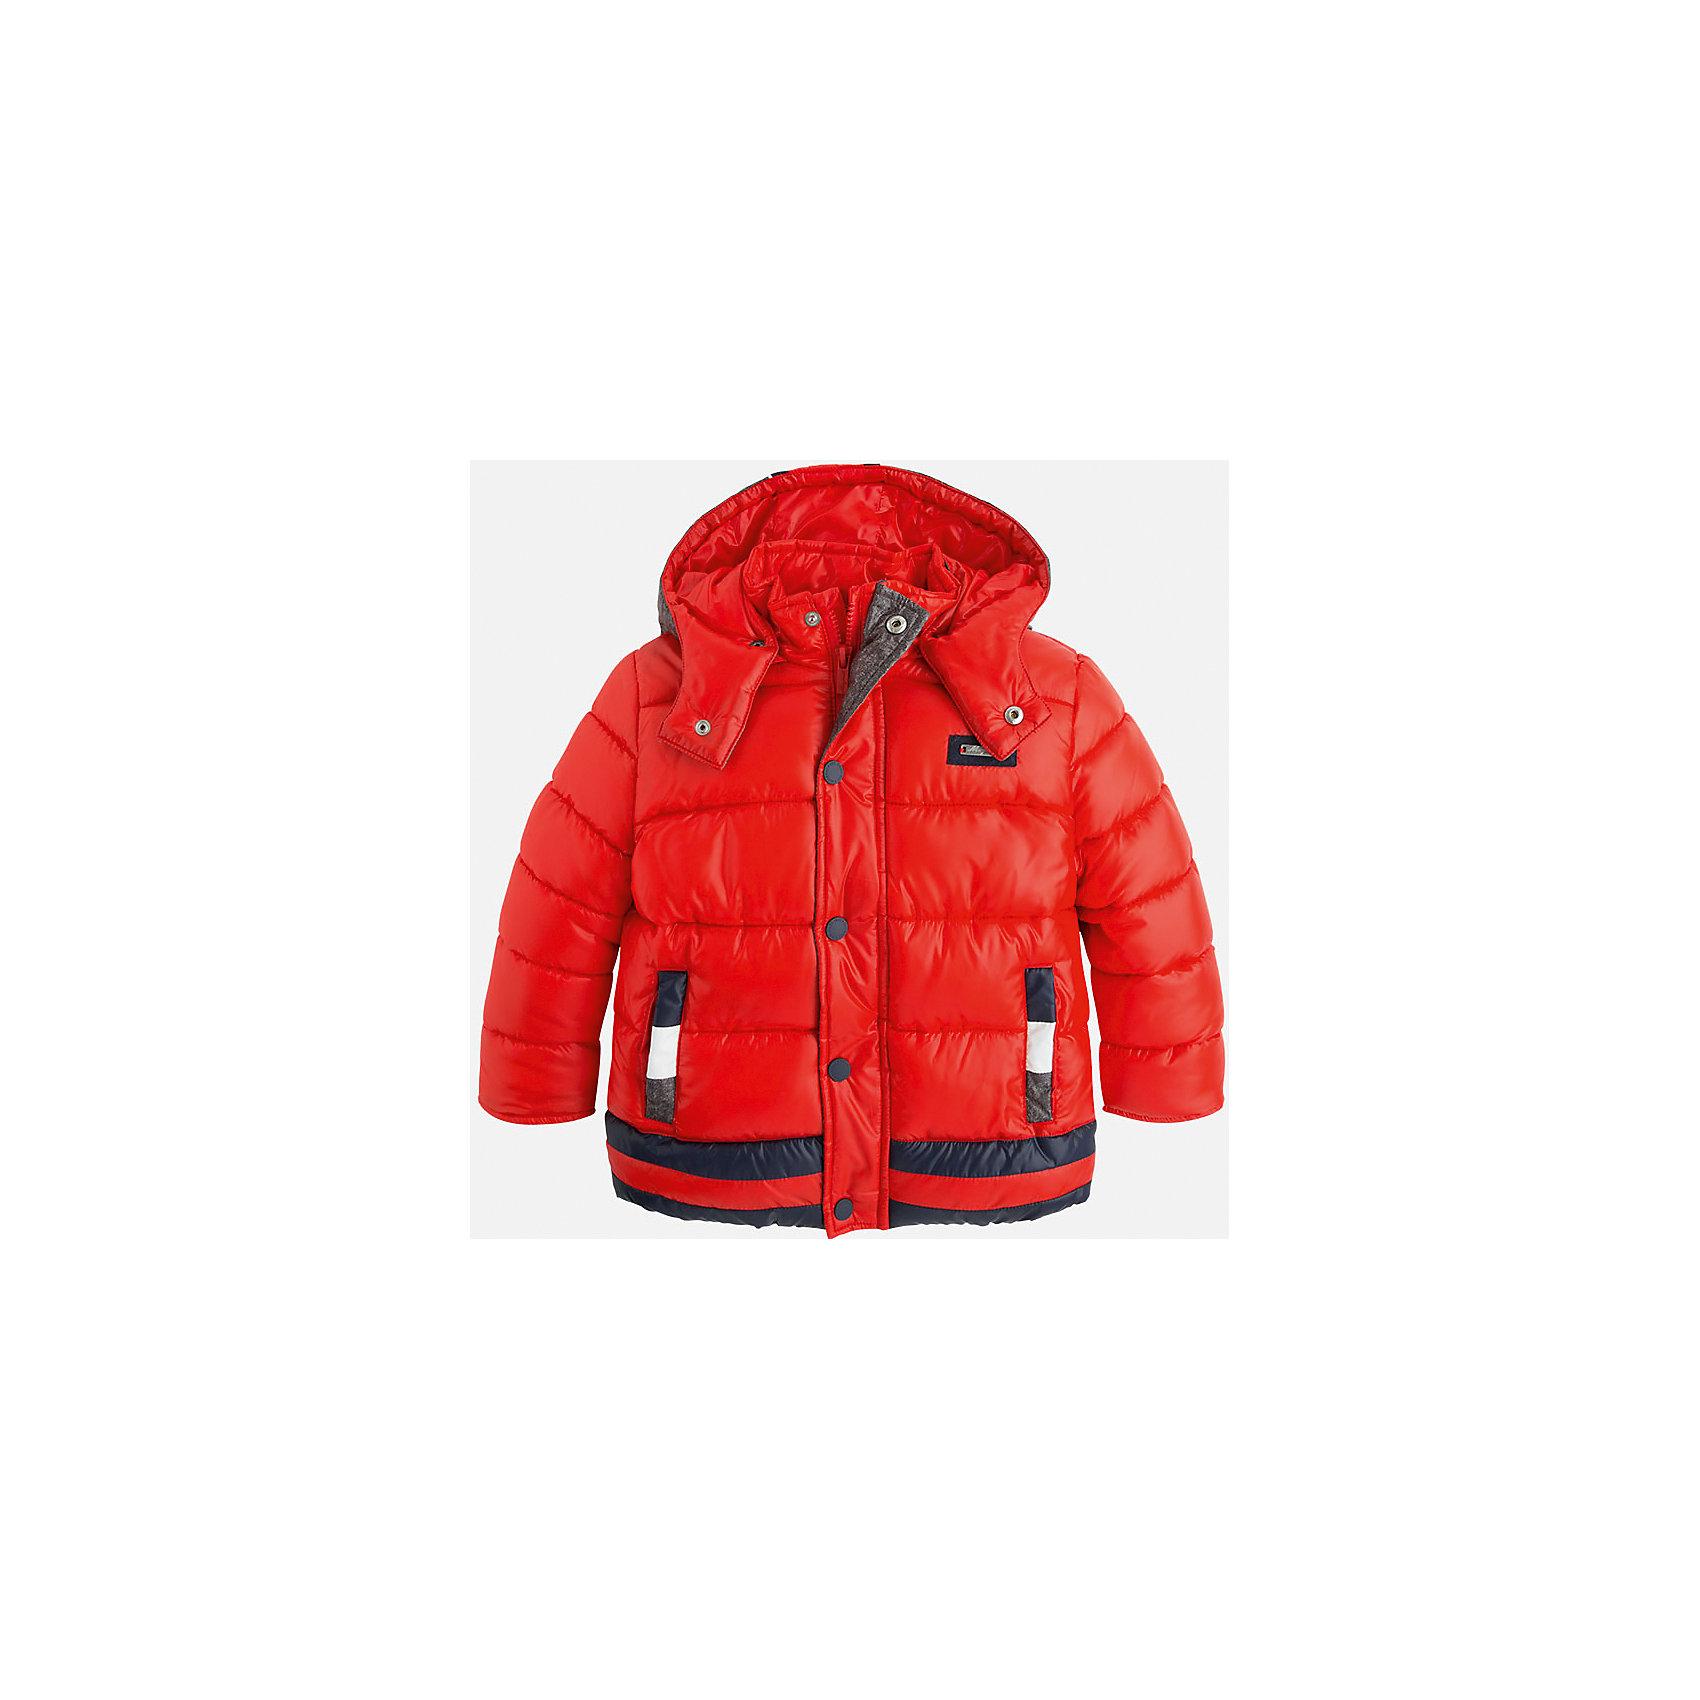 Куртка для мальчика MayoralДемисезонные куртки<br>Стильная, теплая осенняя куртка для юного джентльмена!<br>Порадуйте своего ребенка хорошим подарком!<br><br>Дополнительная информация:<br><br>- Крой: прямой крой, удлиненная модель.<br>- Страна бренда: Испания.<br>- Состав: <br>Верхняя ткань: полиэстер 100%.<br>Подкладка: полиэстер 100%.<br>Наполнитель: полиэстер 100%.<br>- Цвет: красный.<br>- Уход: бережная стирка при 30 градусах.<br><br>Купить куртку для мальчика Mayoral можно в нашем магазине.<br><br>Ширина мм: 356<br>Глубина мм: 10<br>Высота мм: 245<br>Вес г: 519<br>Цвет: коричневый<br>Возраст от месяцев: 36<br>Возраст до месяцев: 48<br>Пол: Мужской<br>Возраст: Детский<br>Размер: 104,110,98,134,128,122,116<br>SKU: 4821937